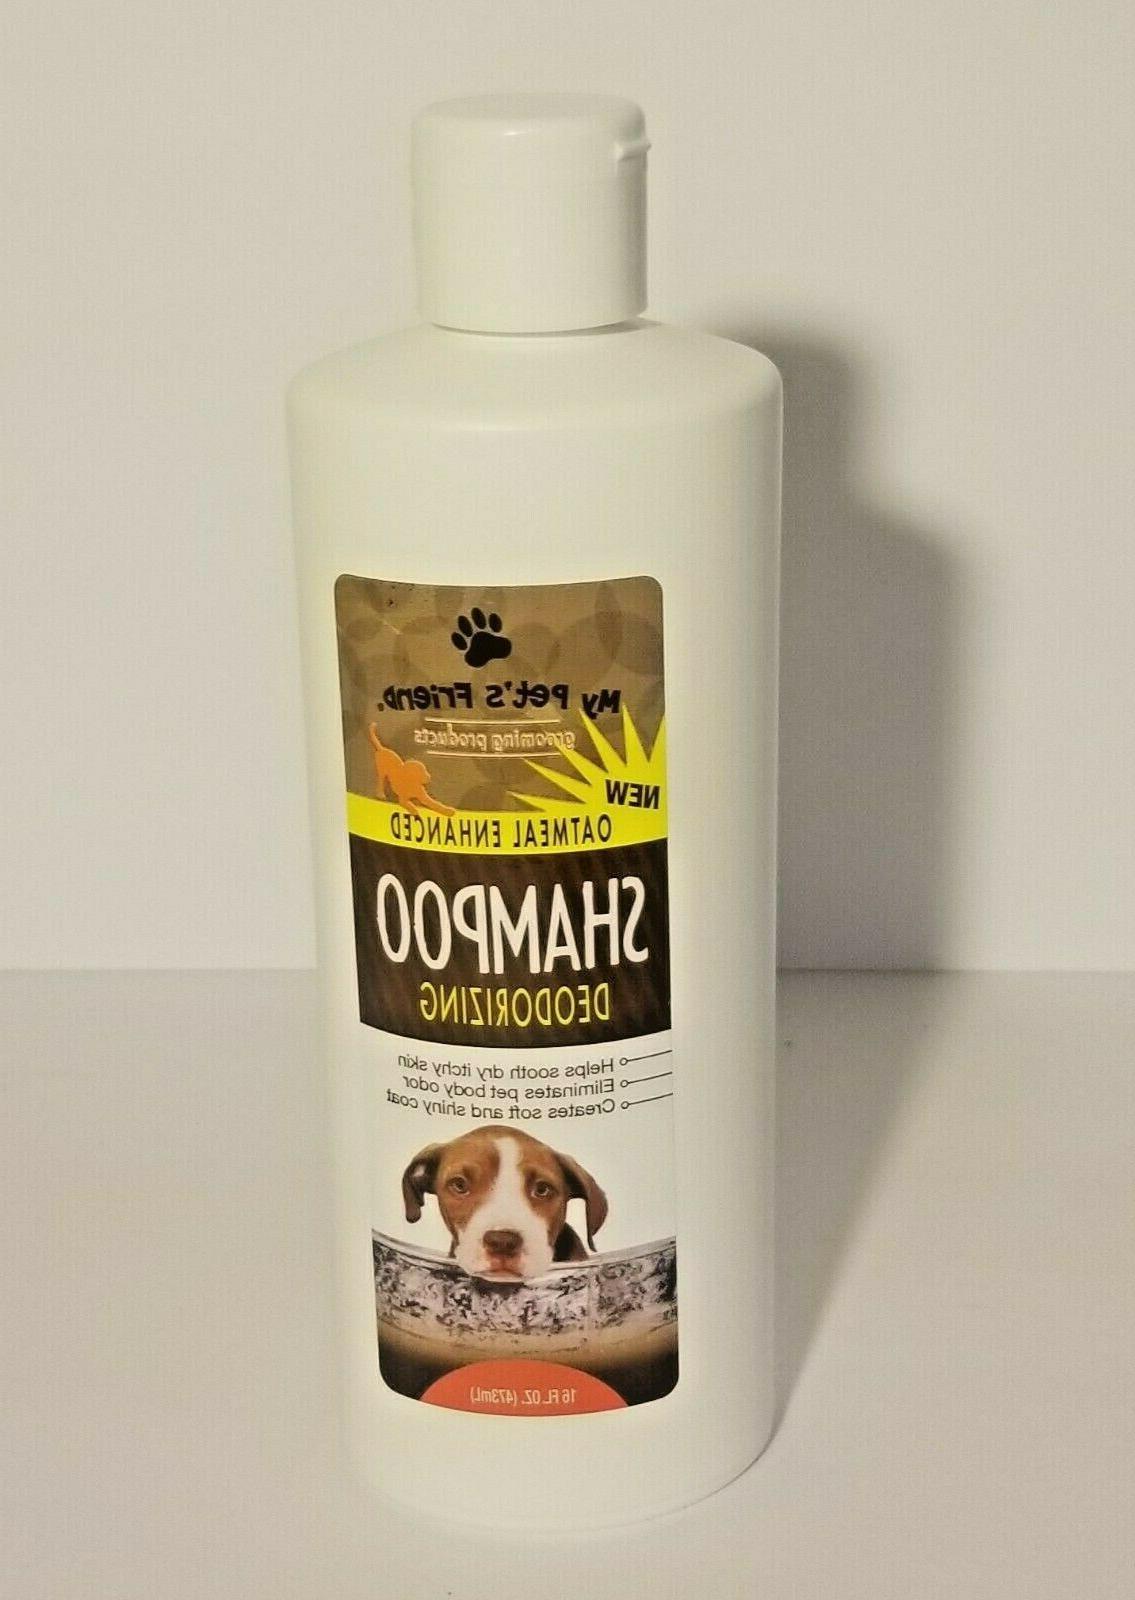 My Pets Friend Shampoo : friend, shampoo, Pet's, Friend, Oatmeal, Enhanced, Deodorizing, Shampoo,